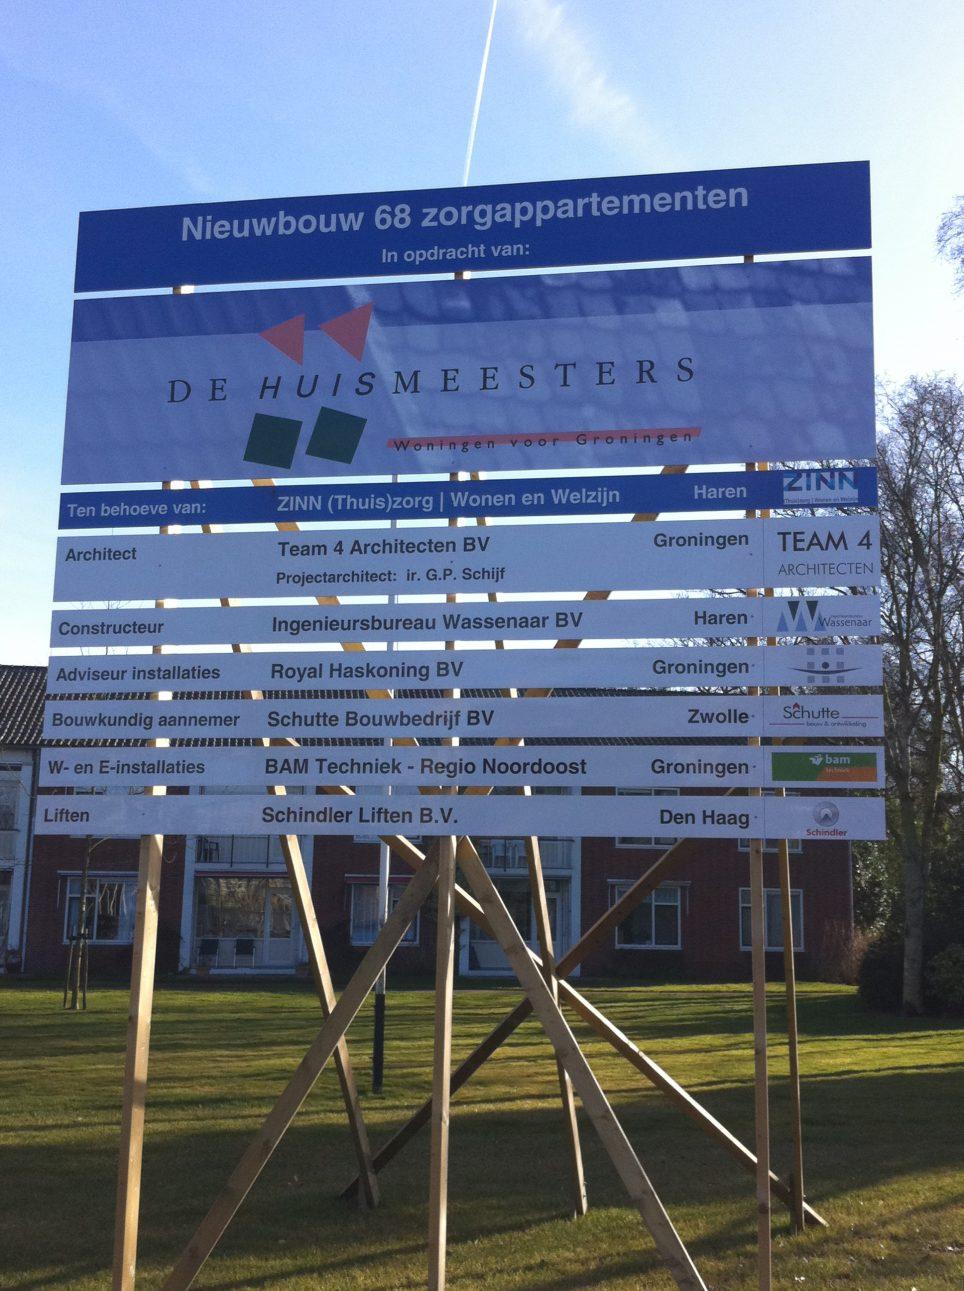 Nieuwbouw 68 zorgappartementen Haren - Betonmortel Centrale Groningen